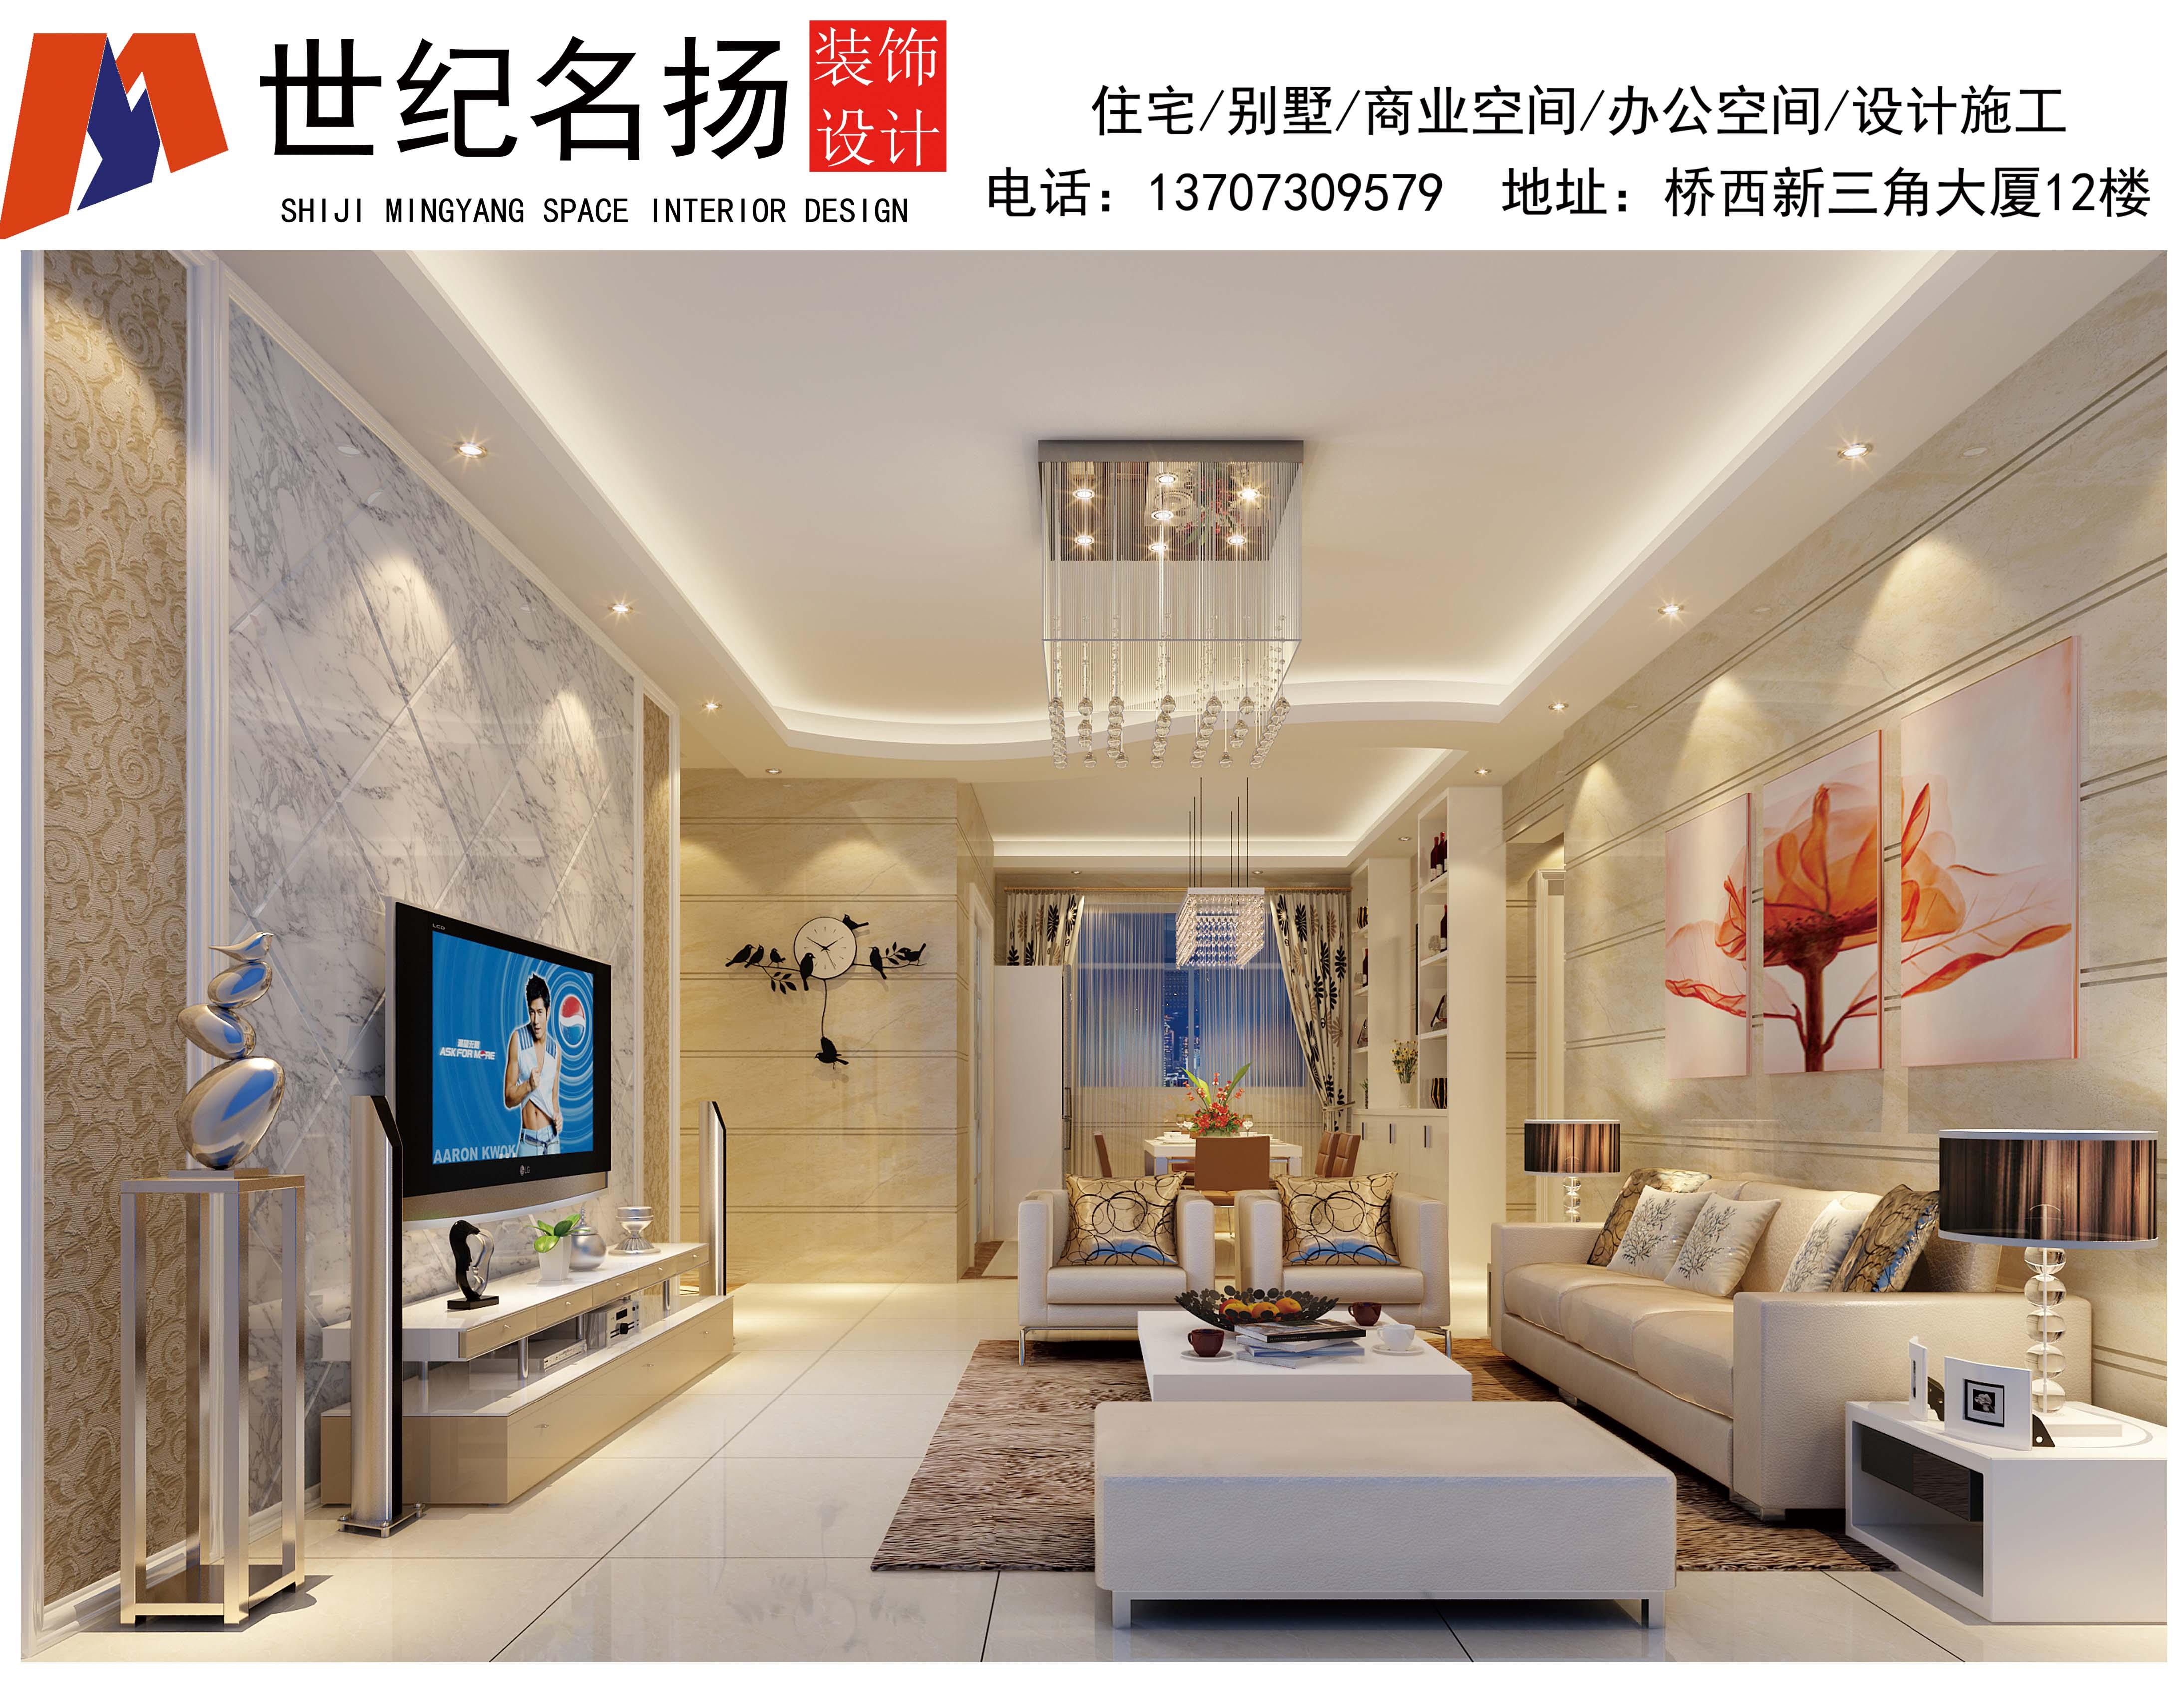 客厅效果图_设计作品-世纪名扬装饰-人人装修网